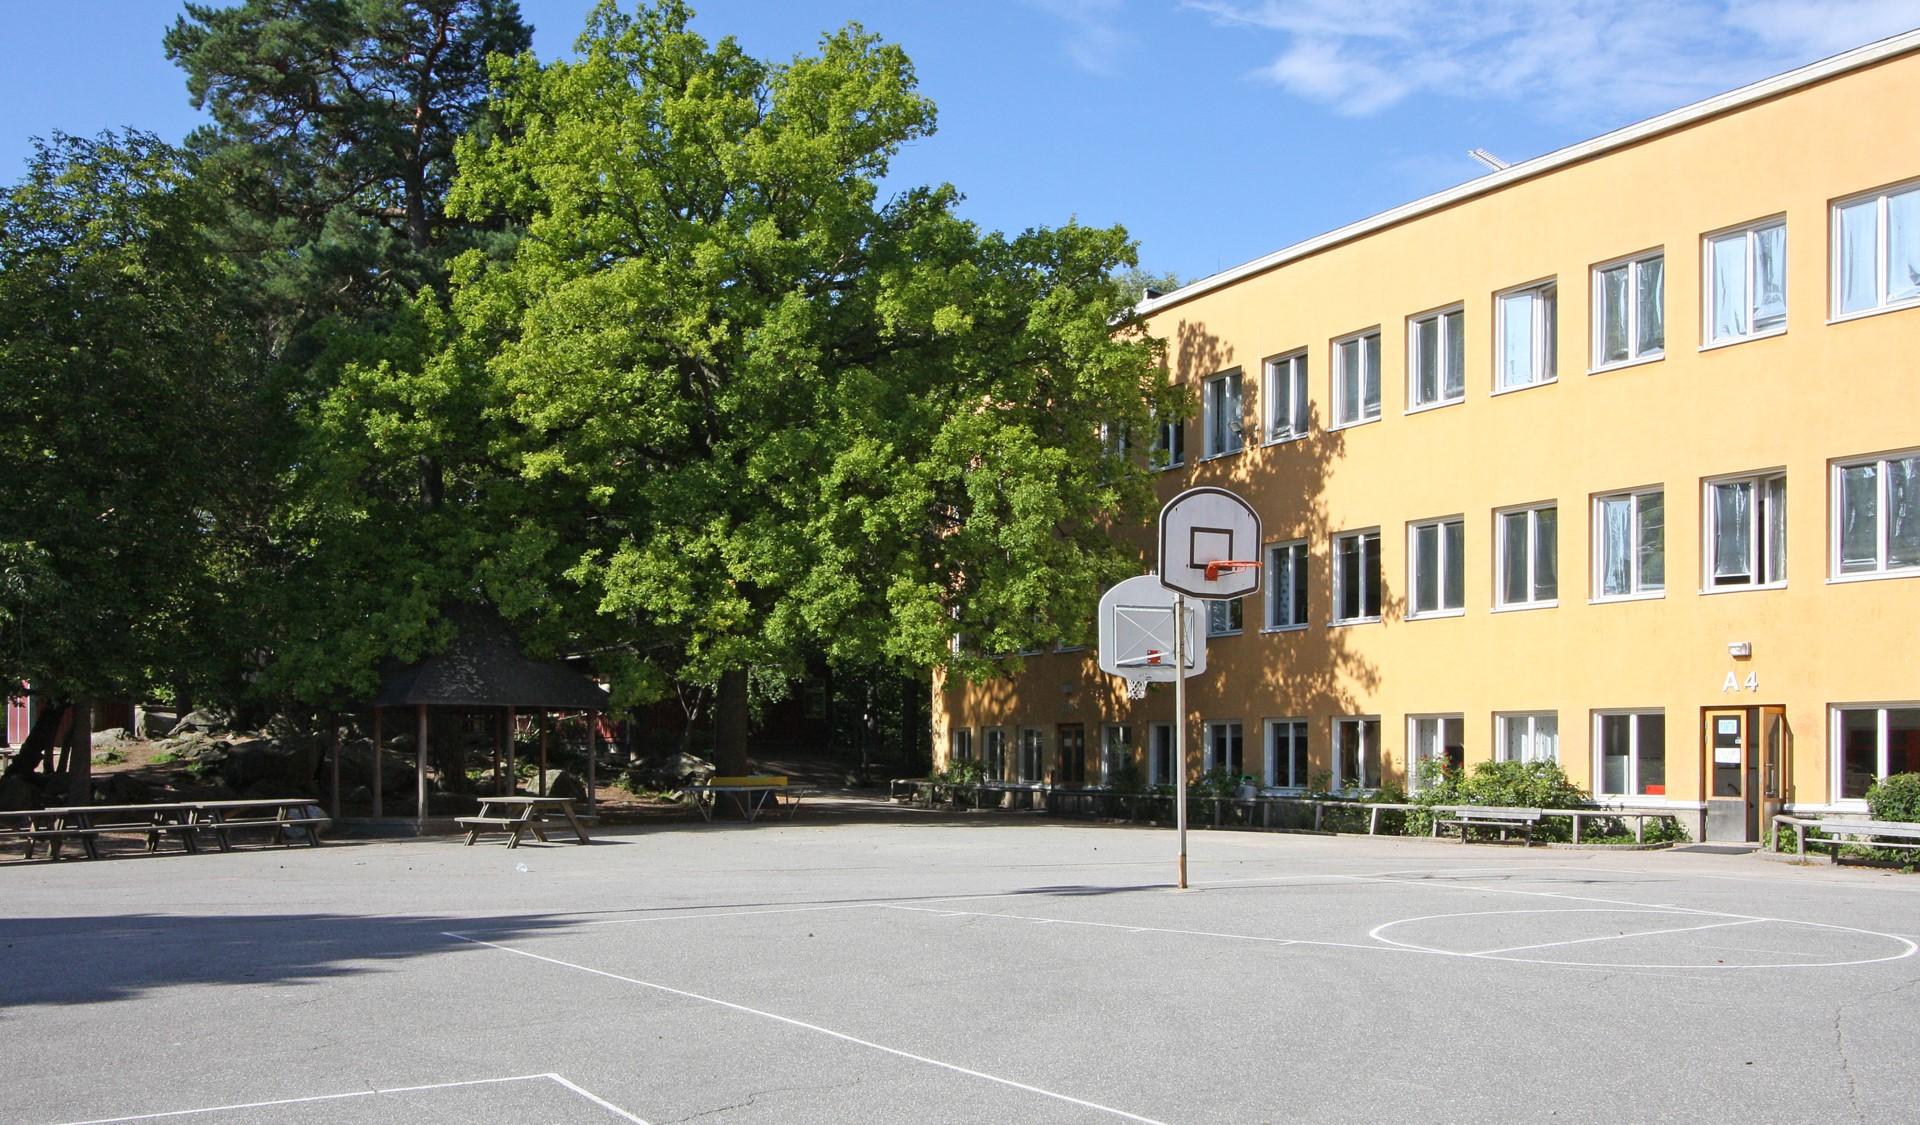 Olovslundsskolan